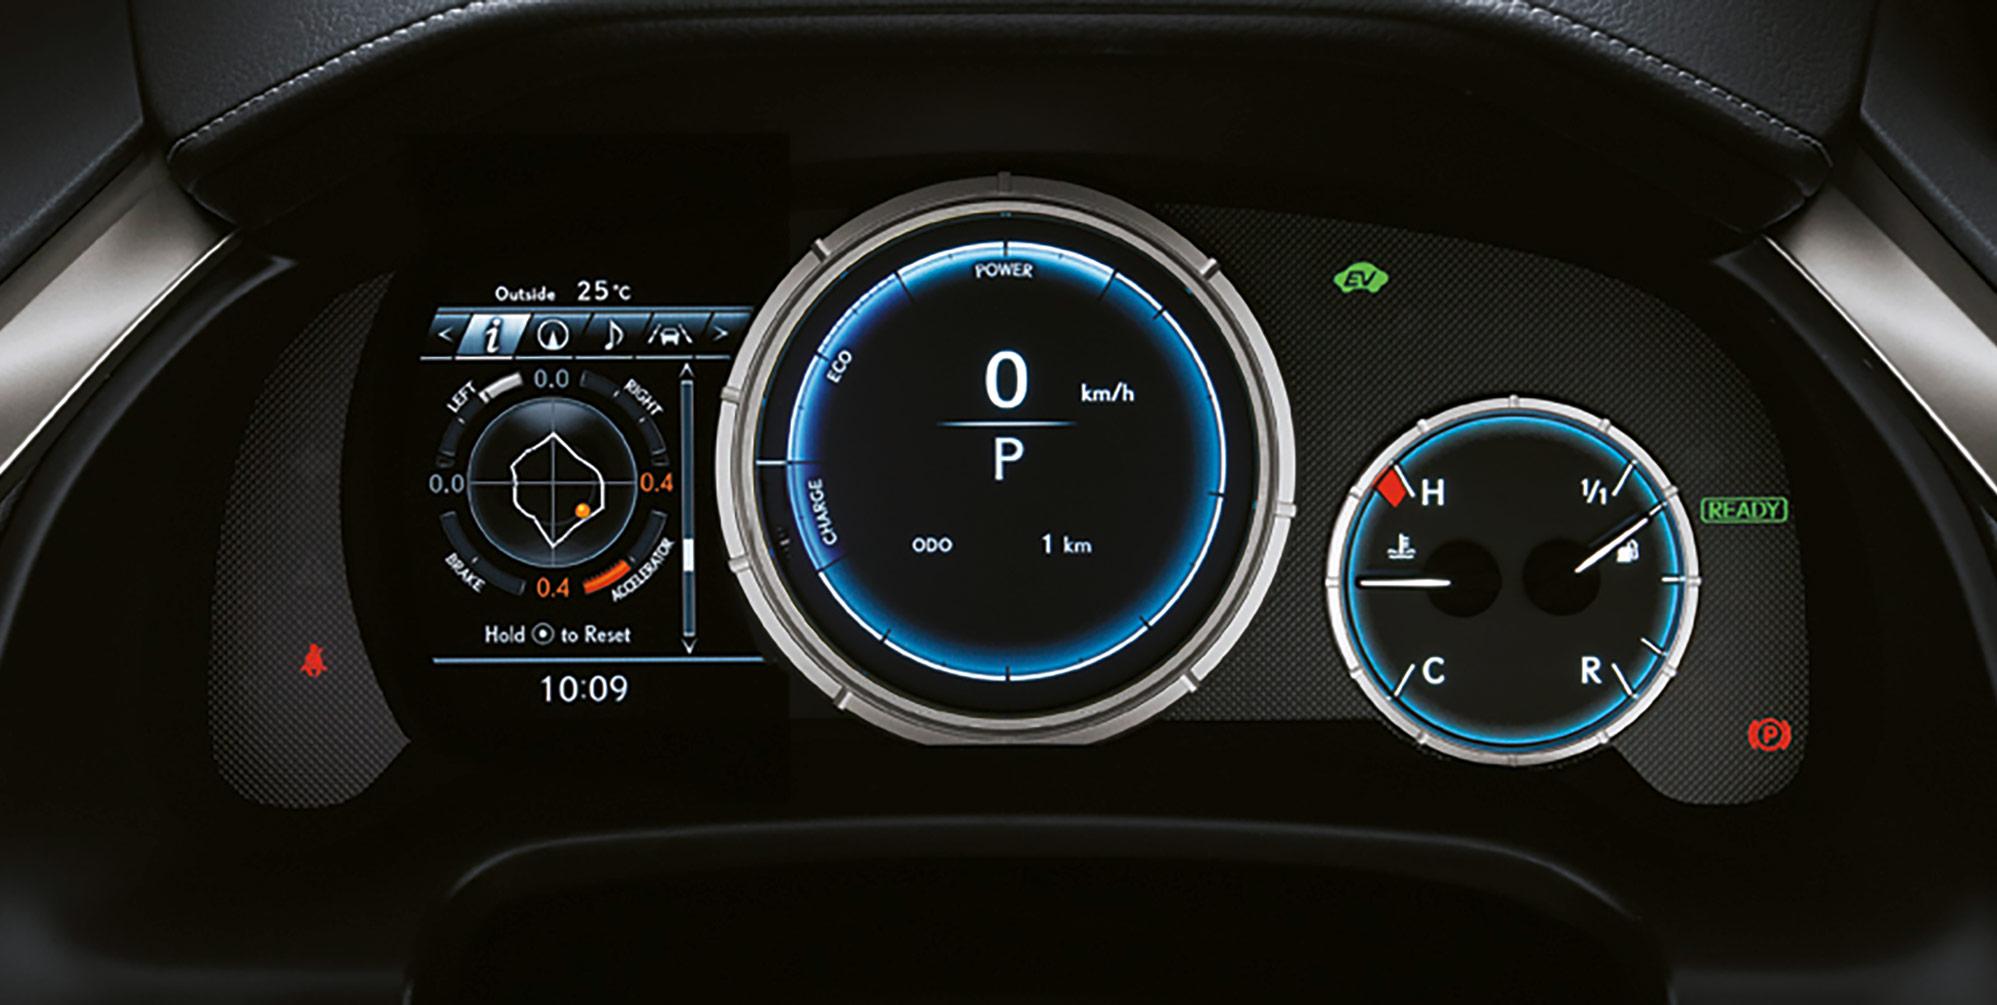 Arabada Motor Yağı Sızıntısı Neden Olur Ne Anlama Gelir 1997x1005 02 Image